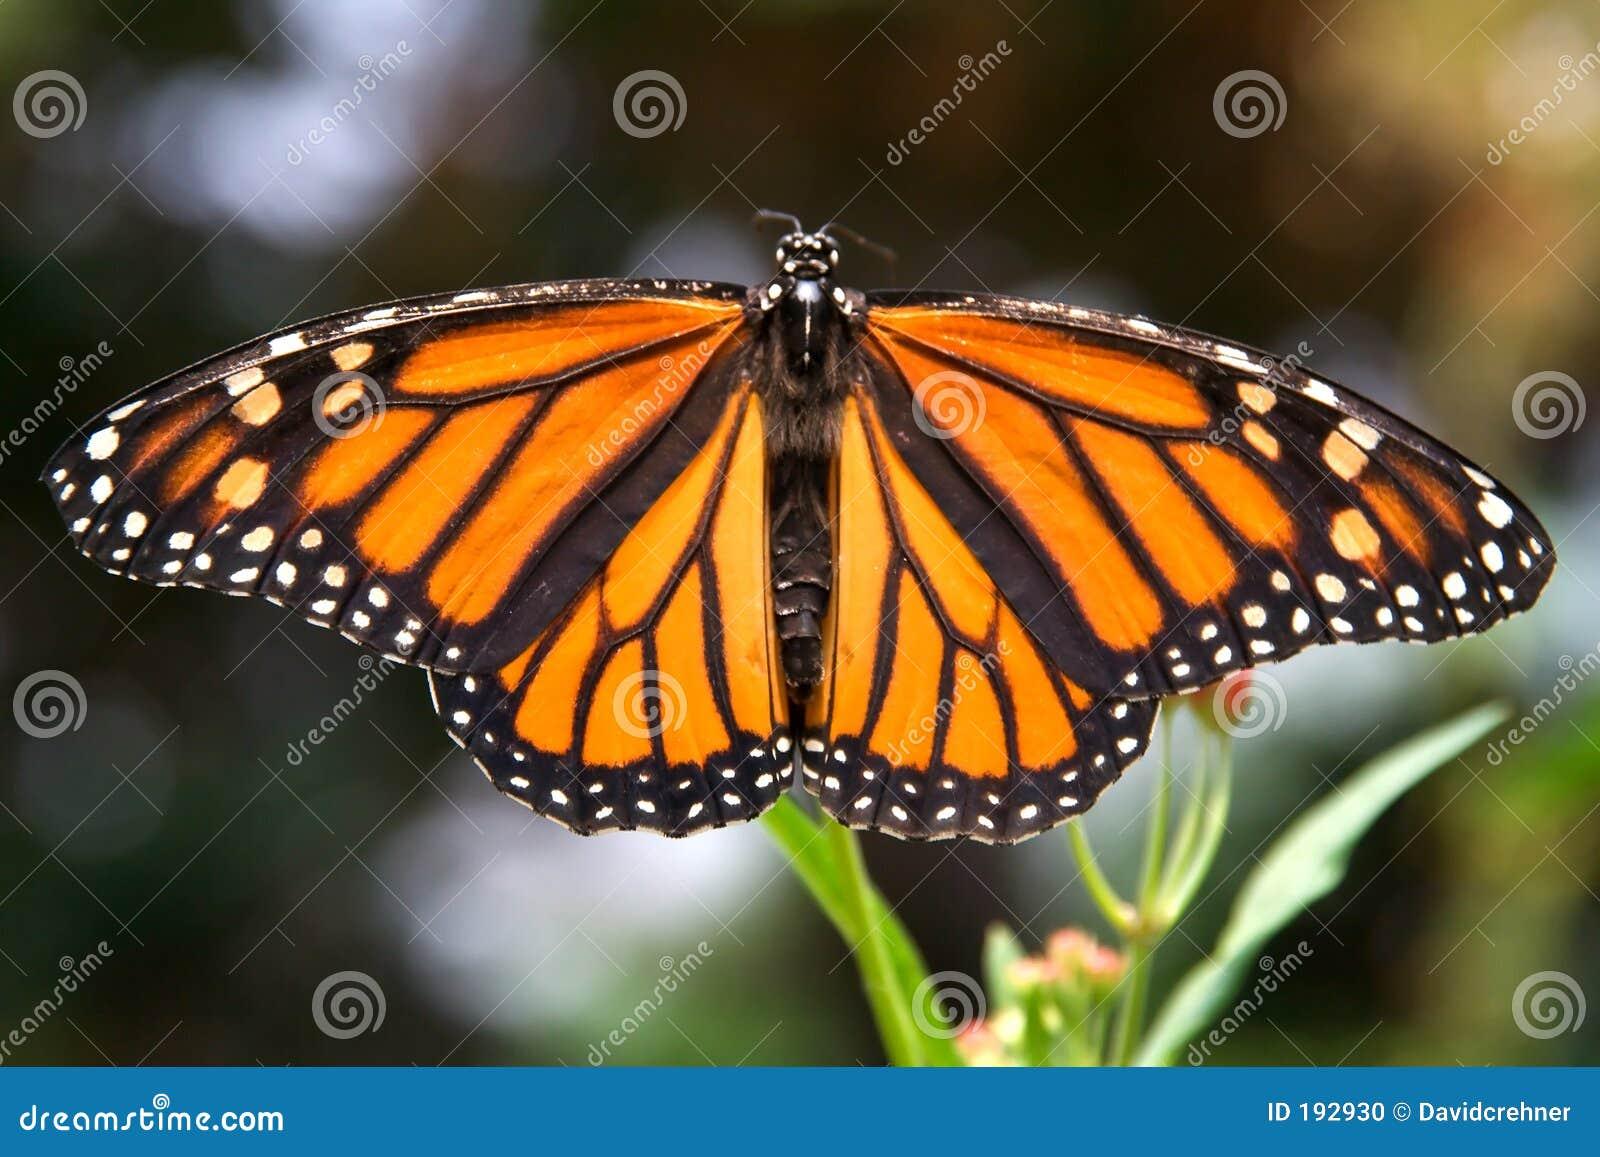 Monarch butterfly wings - photo#25